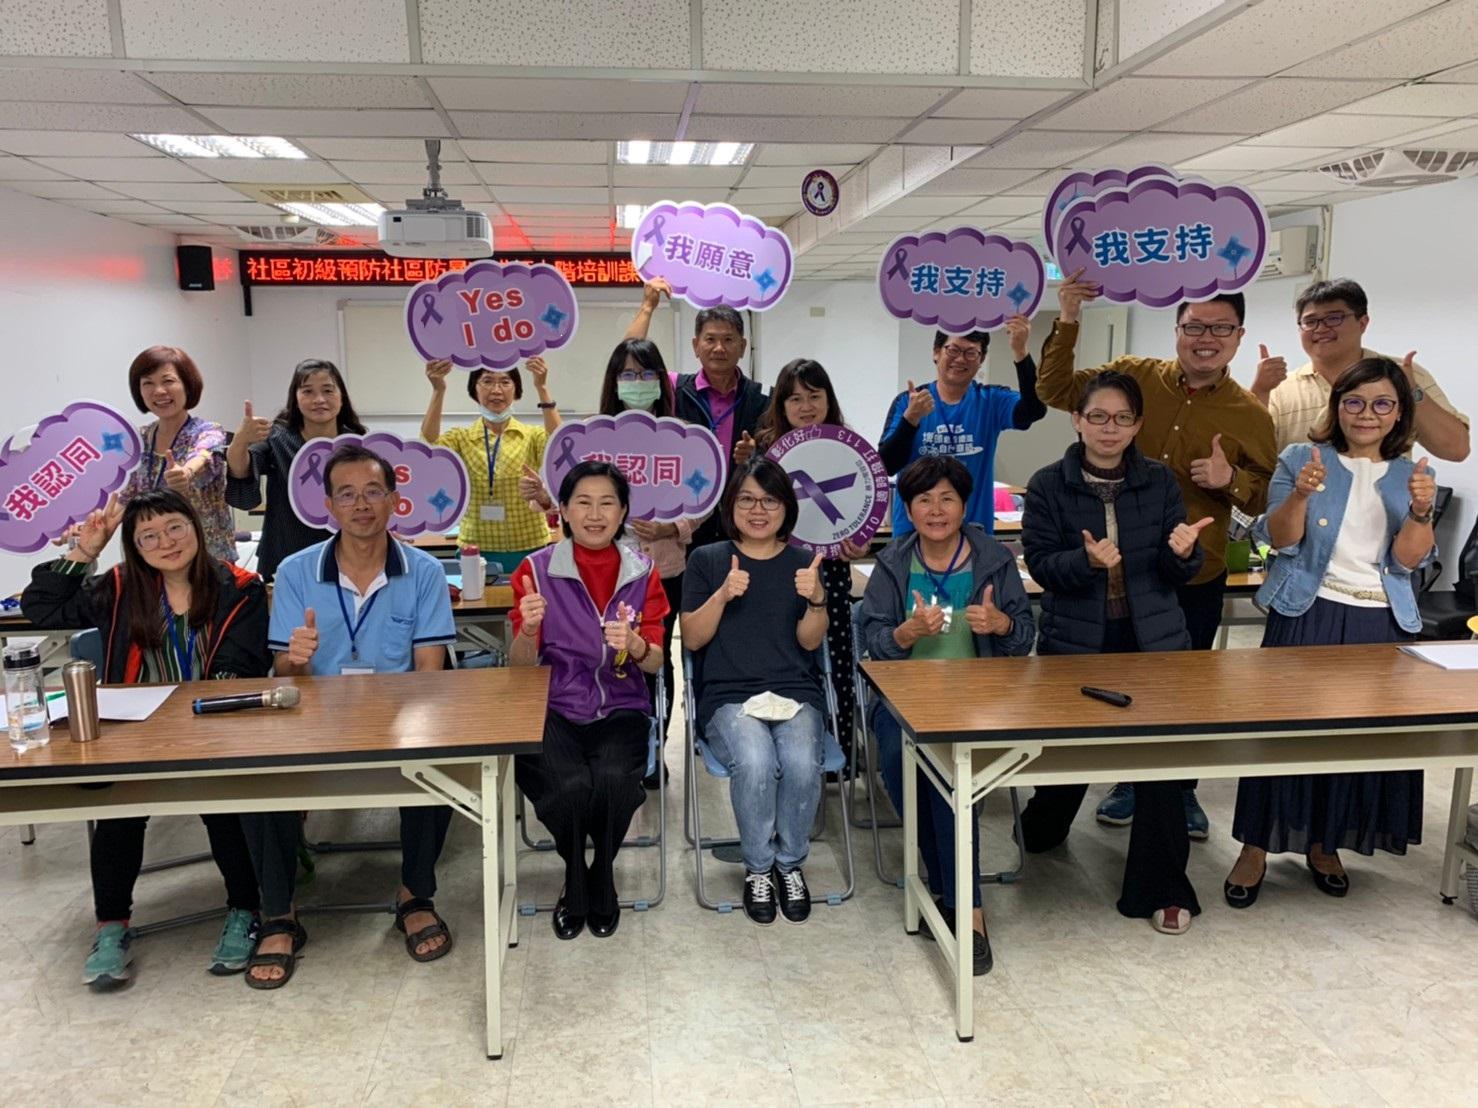 彰化縣109年度「家庭暴力防治-社區防暴宣講師」 中階培訓課程完訓